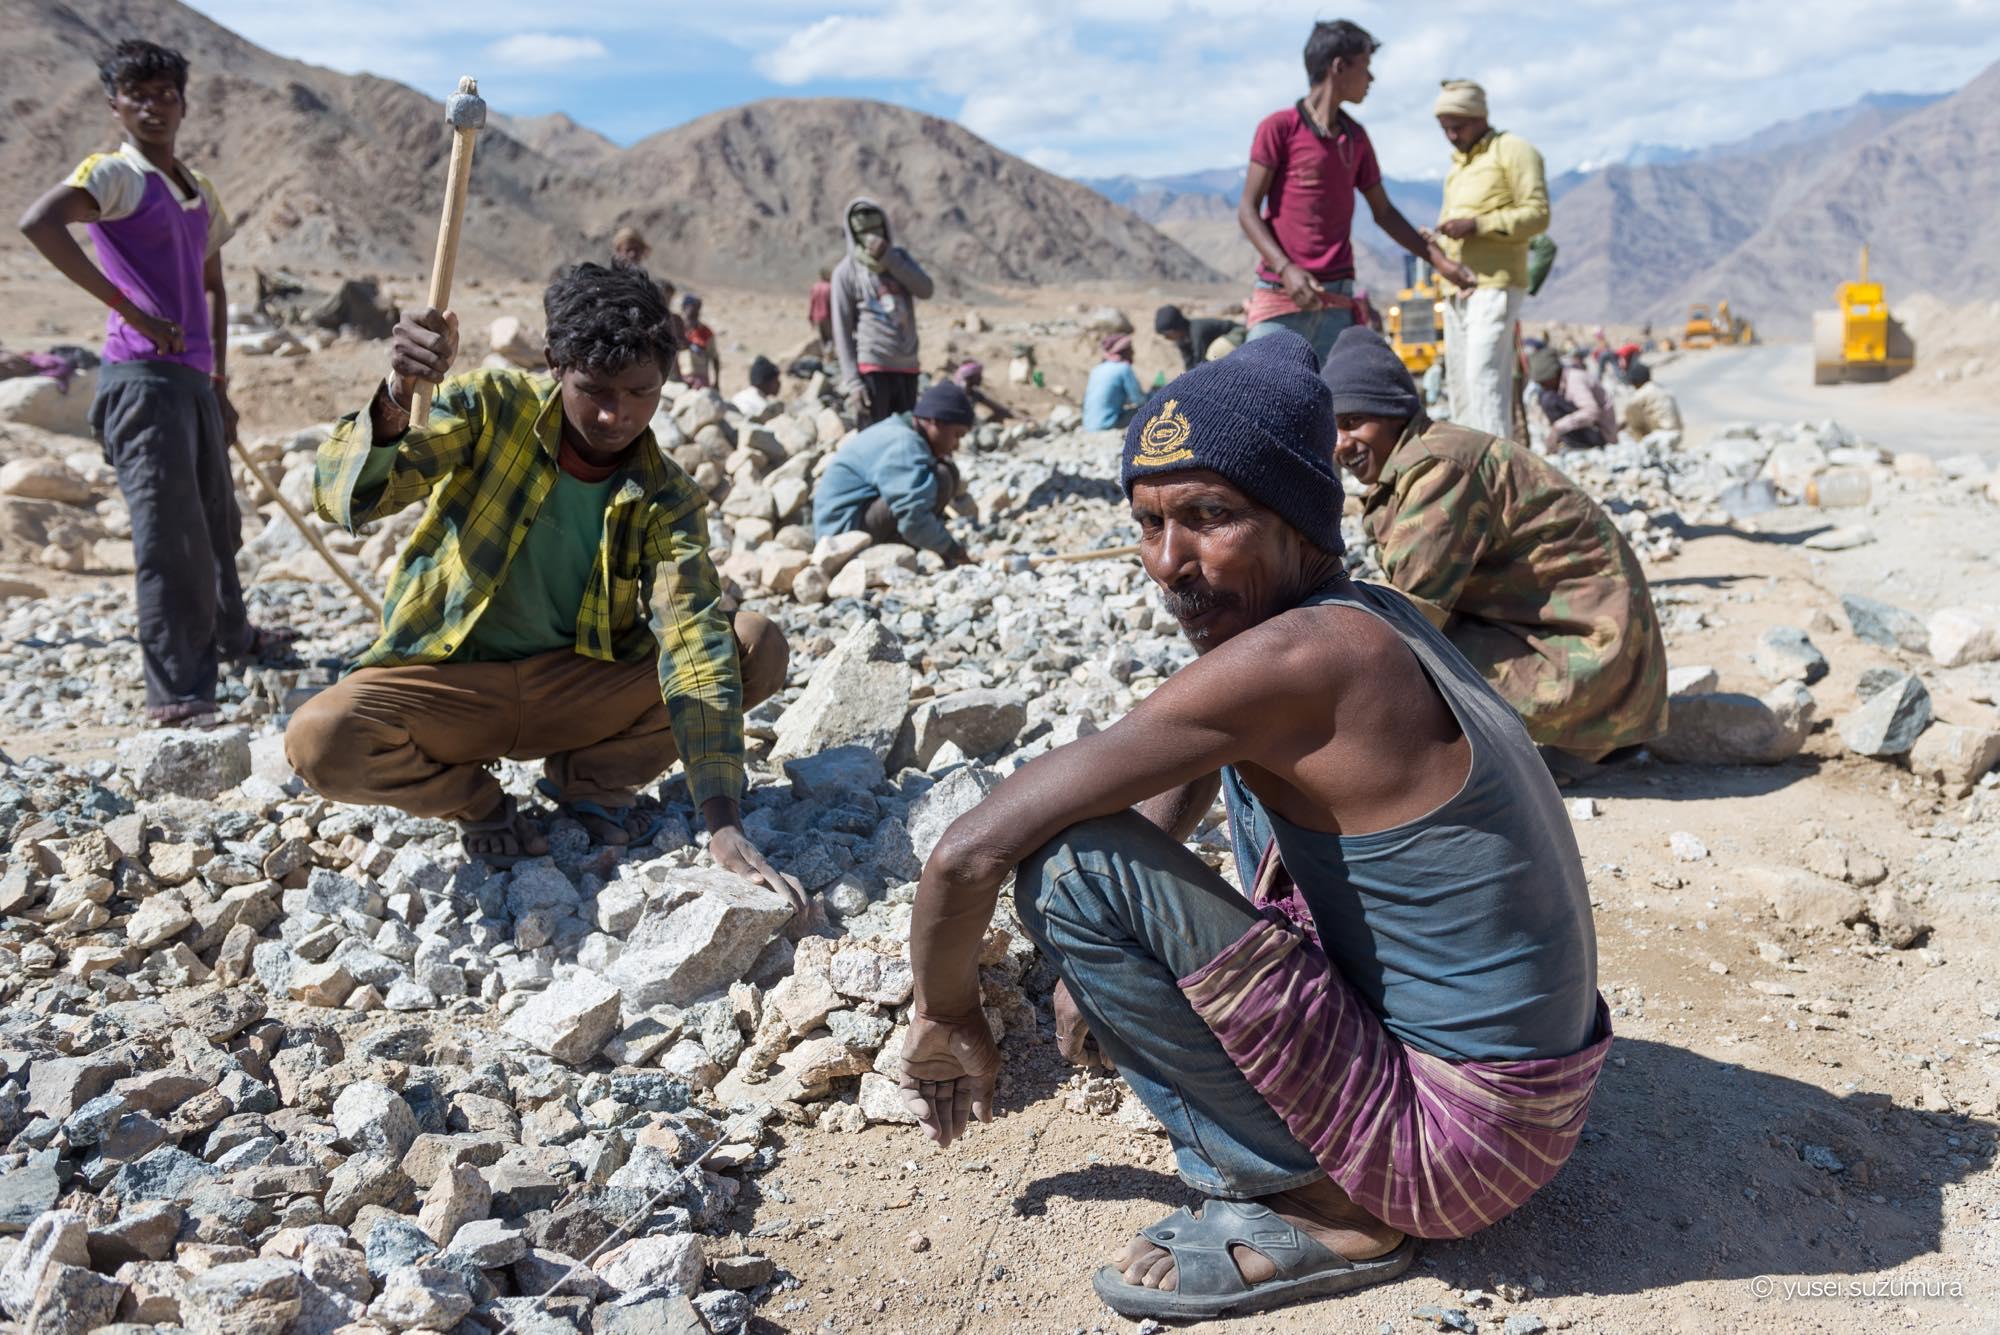 ラダック 工事現場で働く男たち